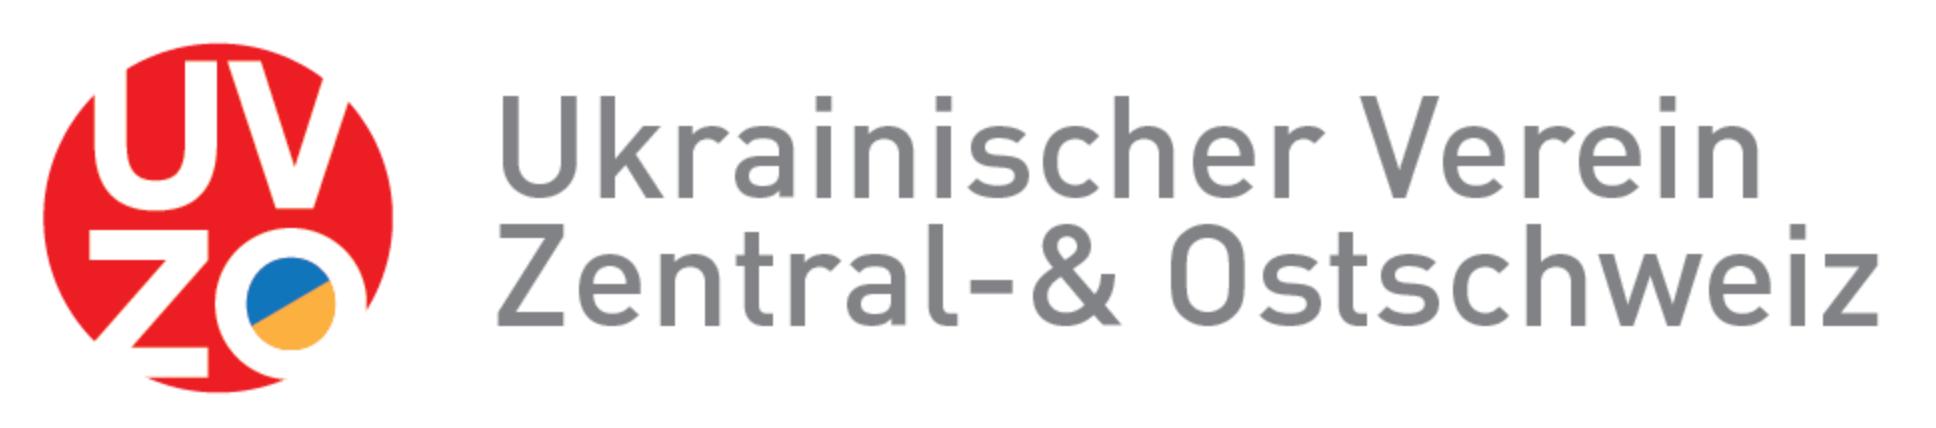 Ukrainischer Verein Zentral- & Ostschweiz